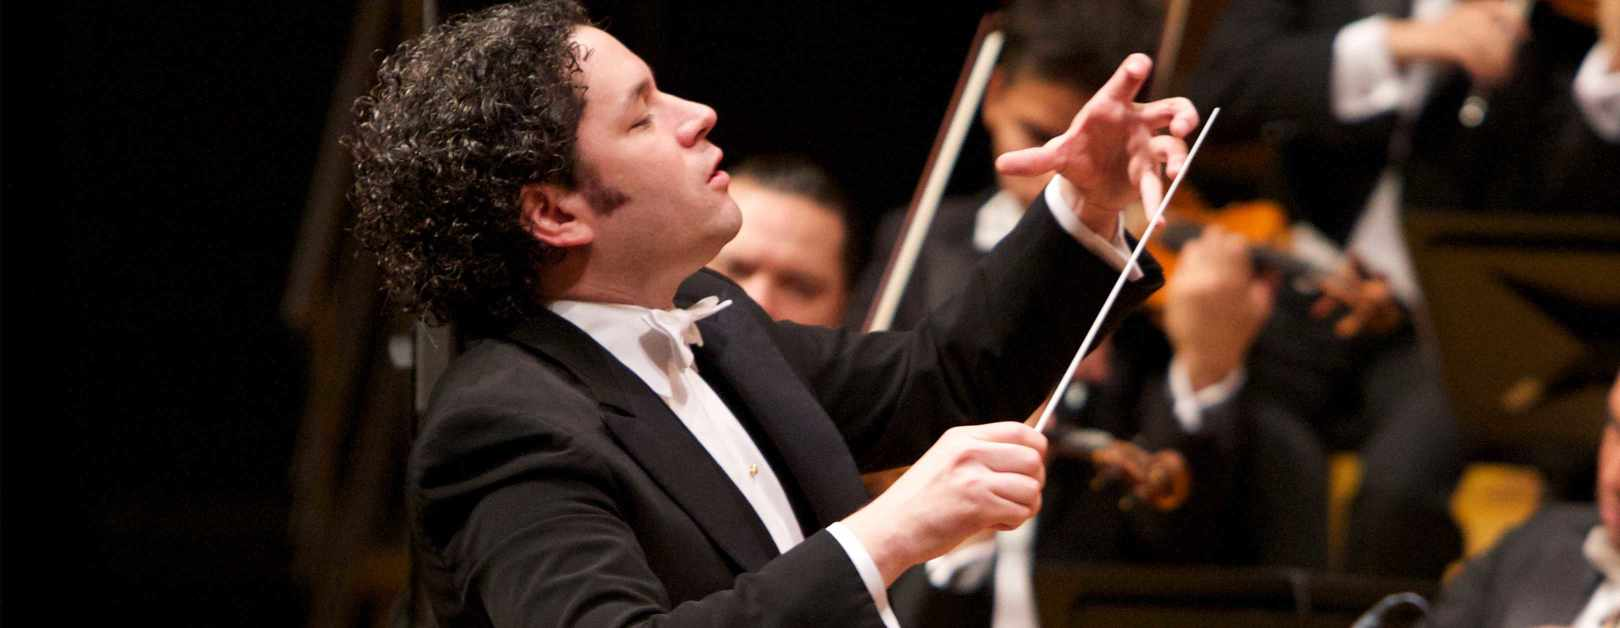 Dudamel Conducts Dvořák's Symphony No. 9